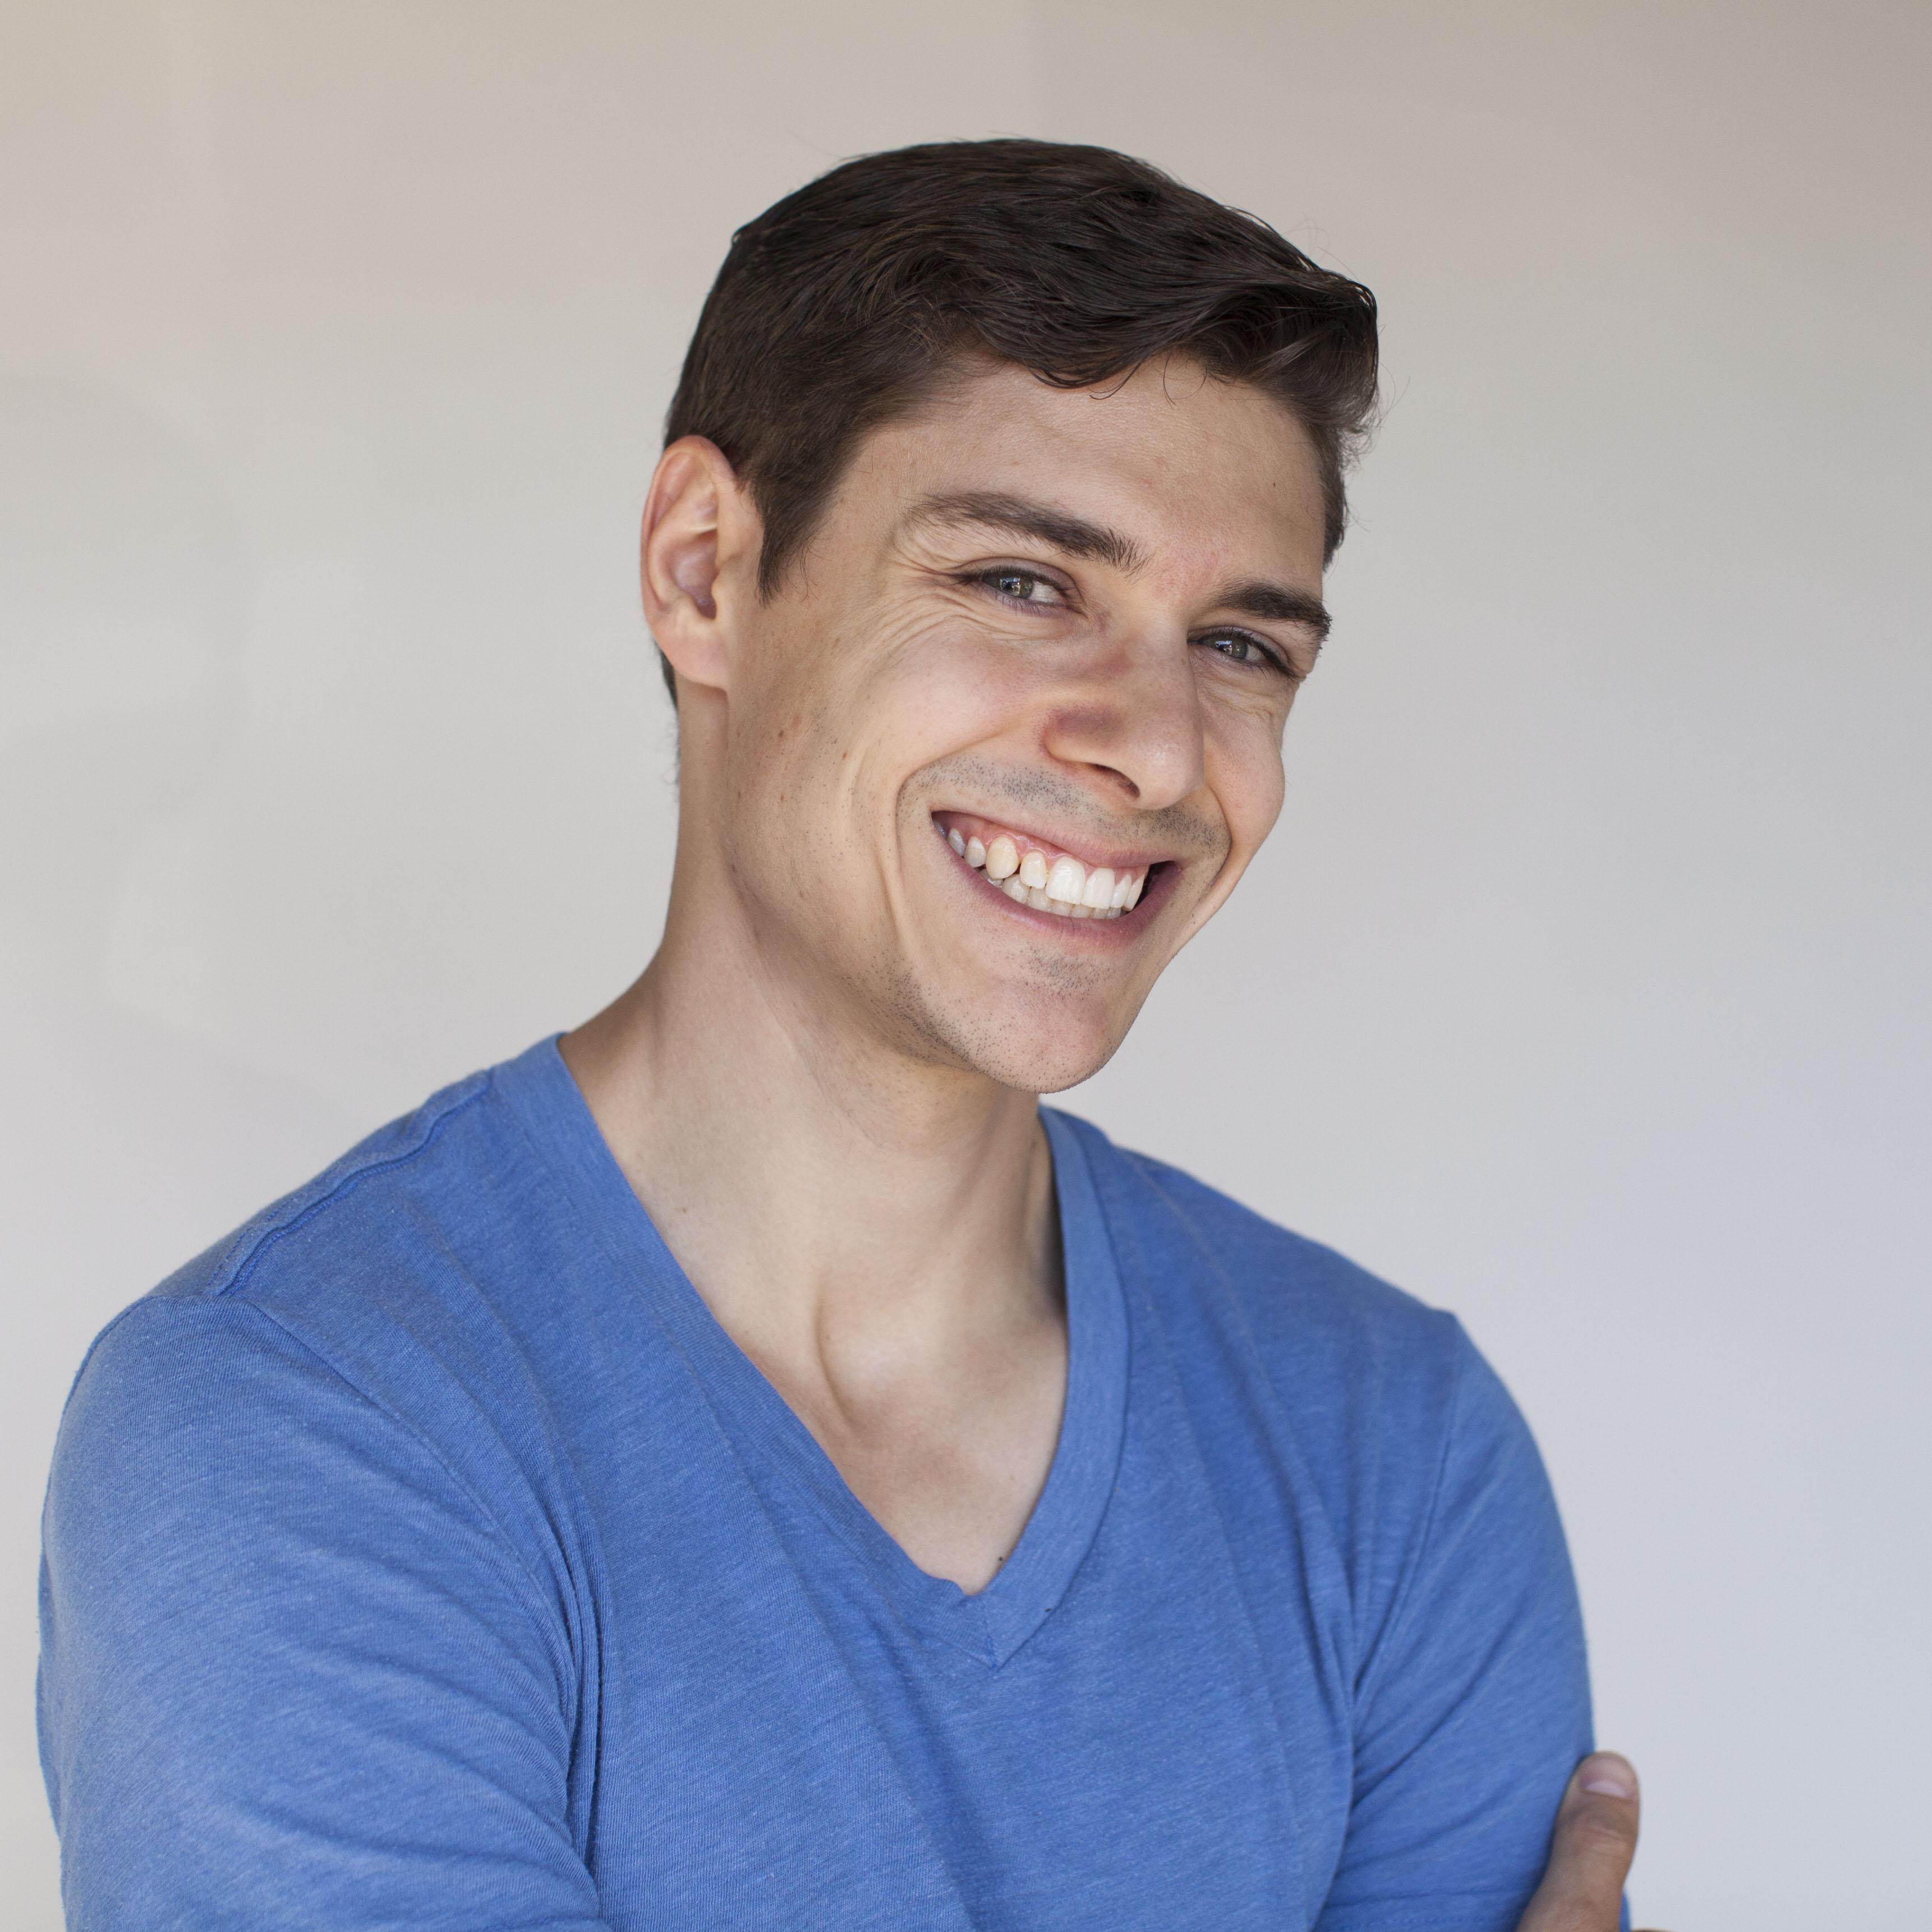 Shane Sternstein